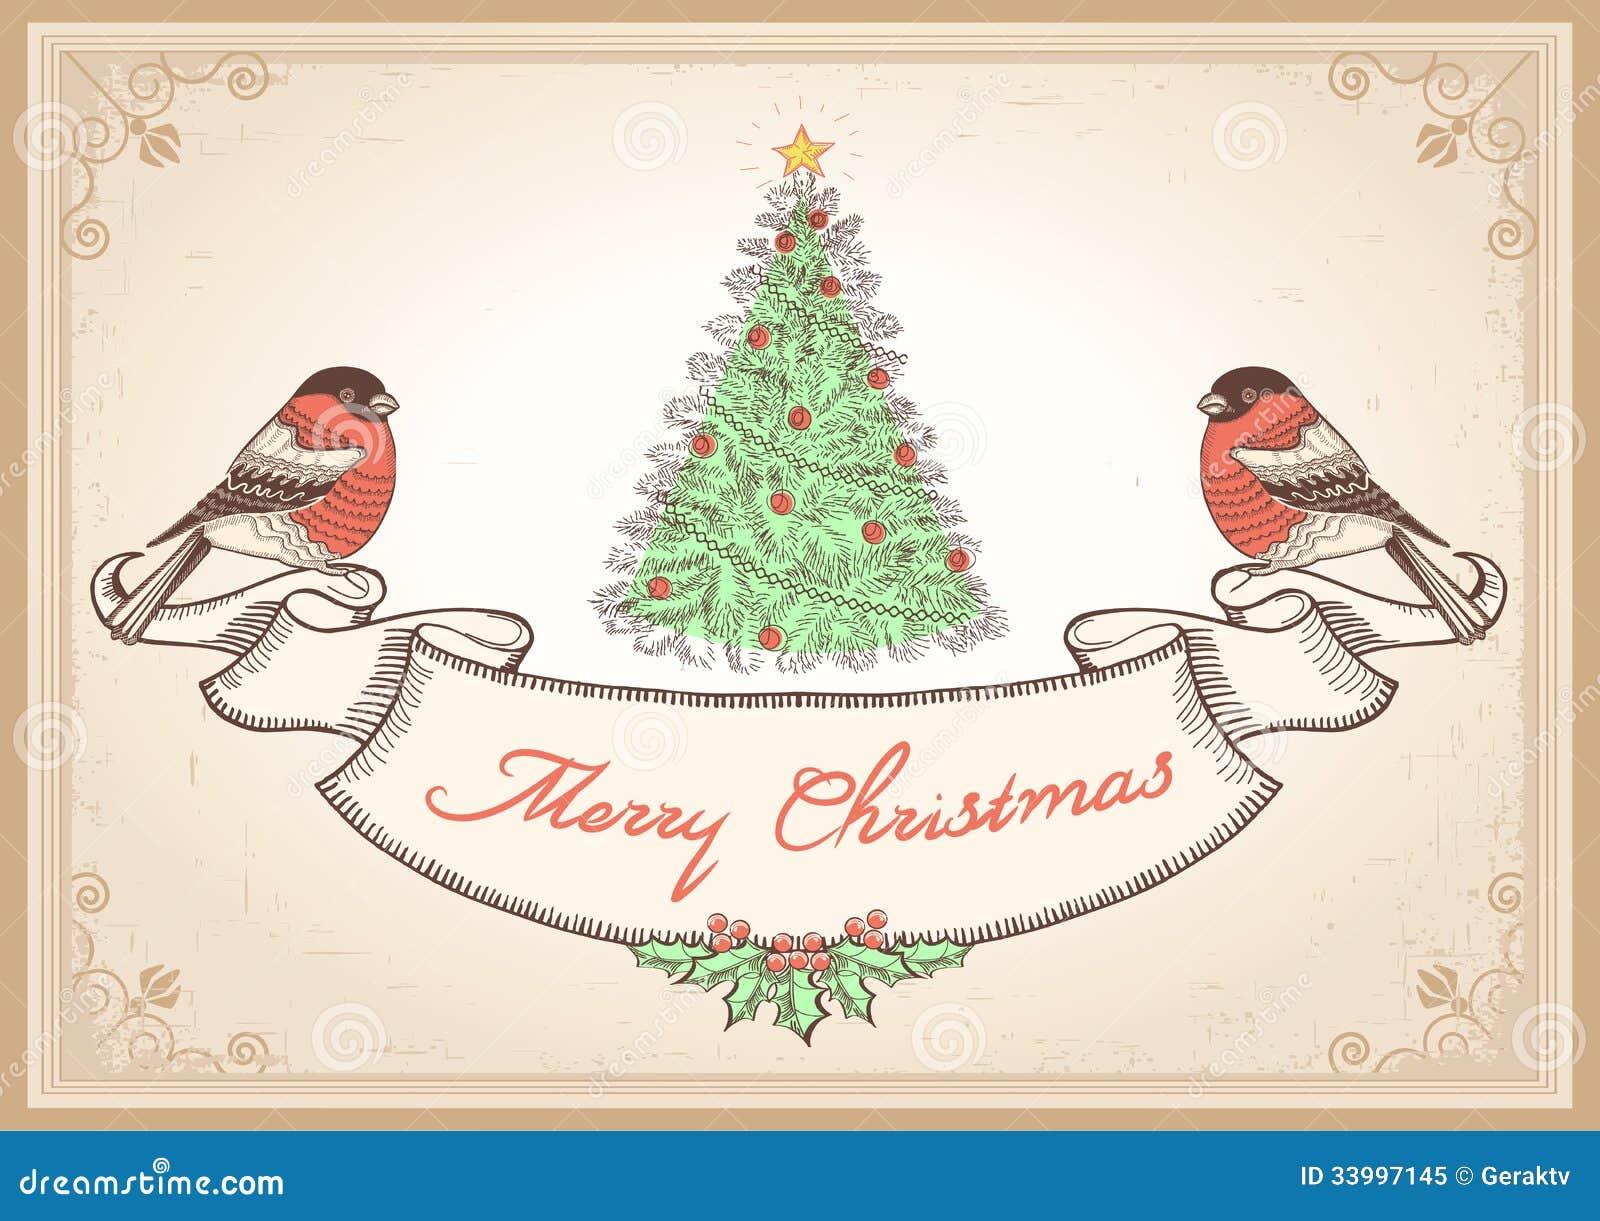 Εκλεκτής ποιότητας κάρτα Χριστουγέννων με τα bullfinches. Διάνυσμα άρρωστο